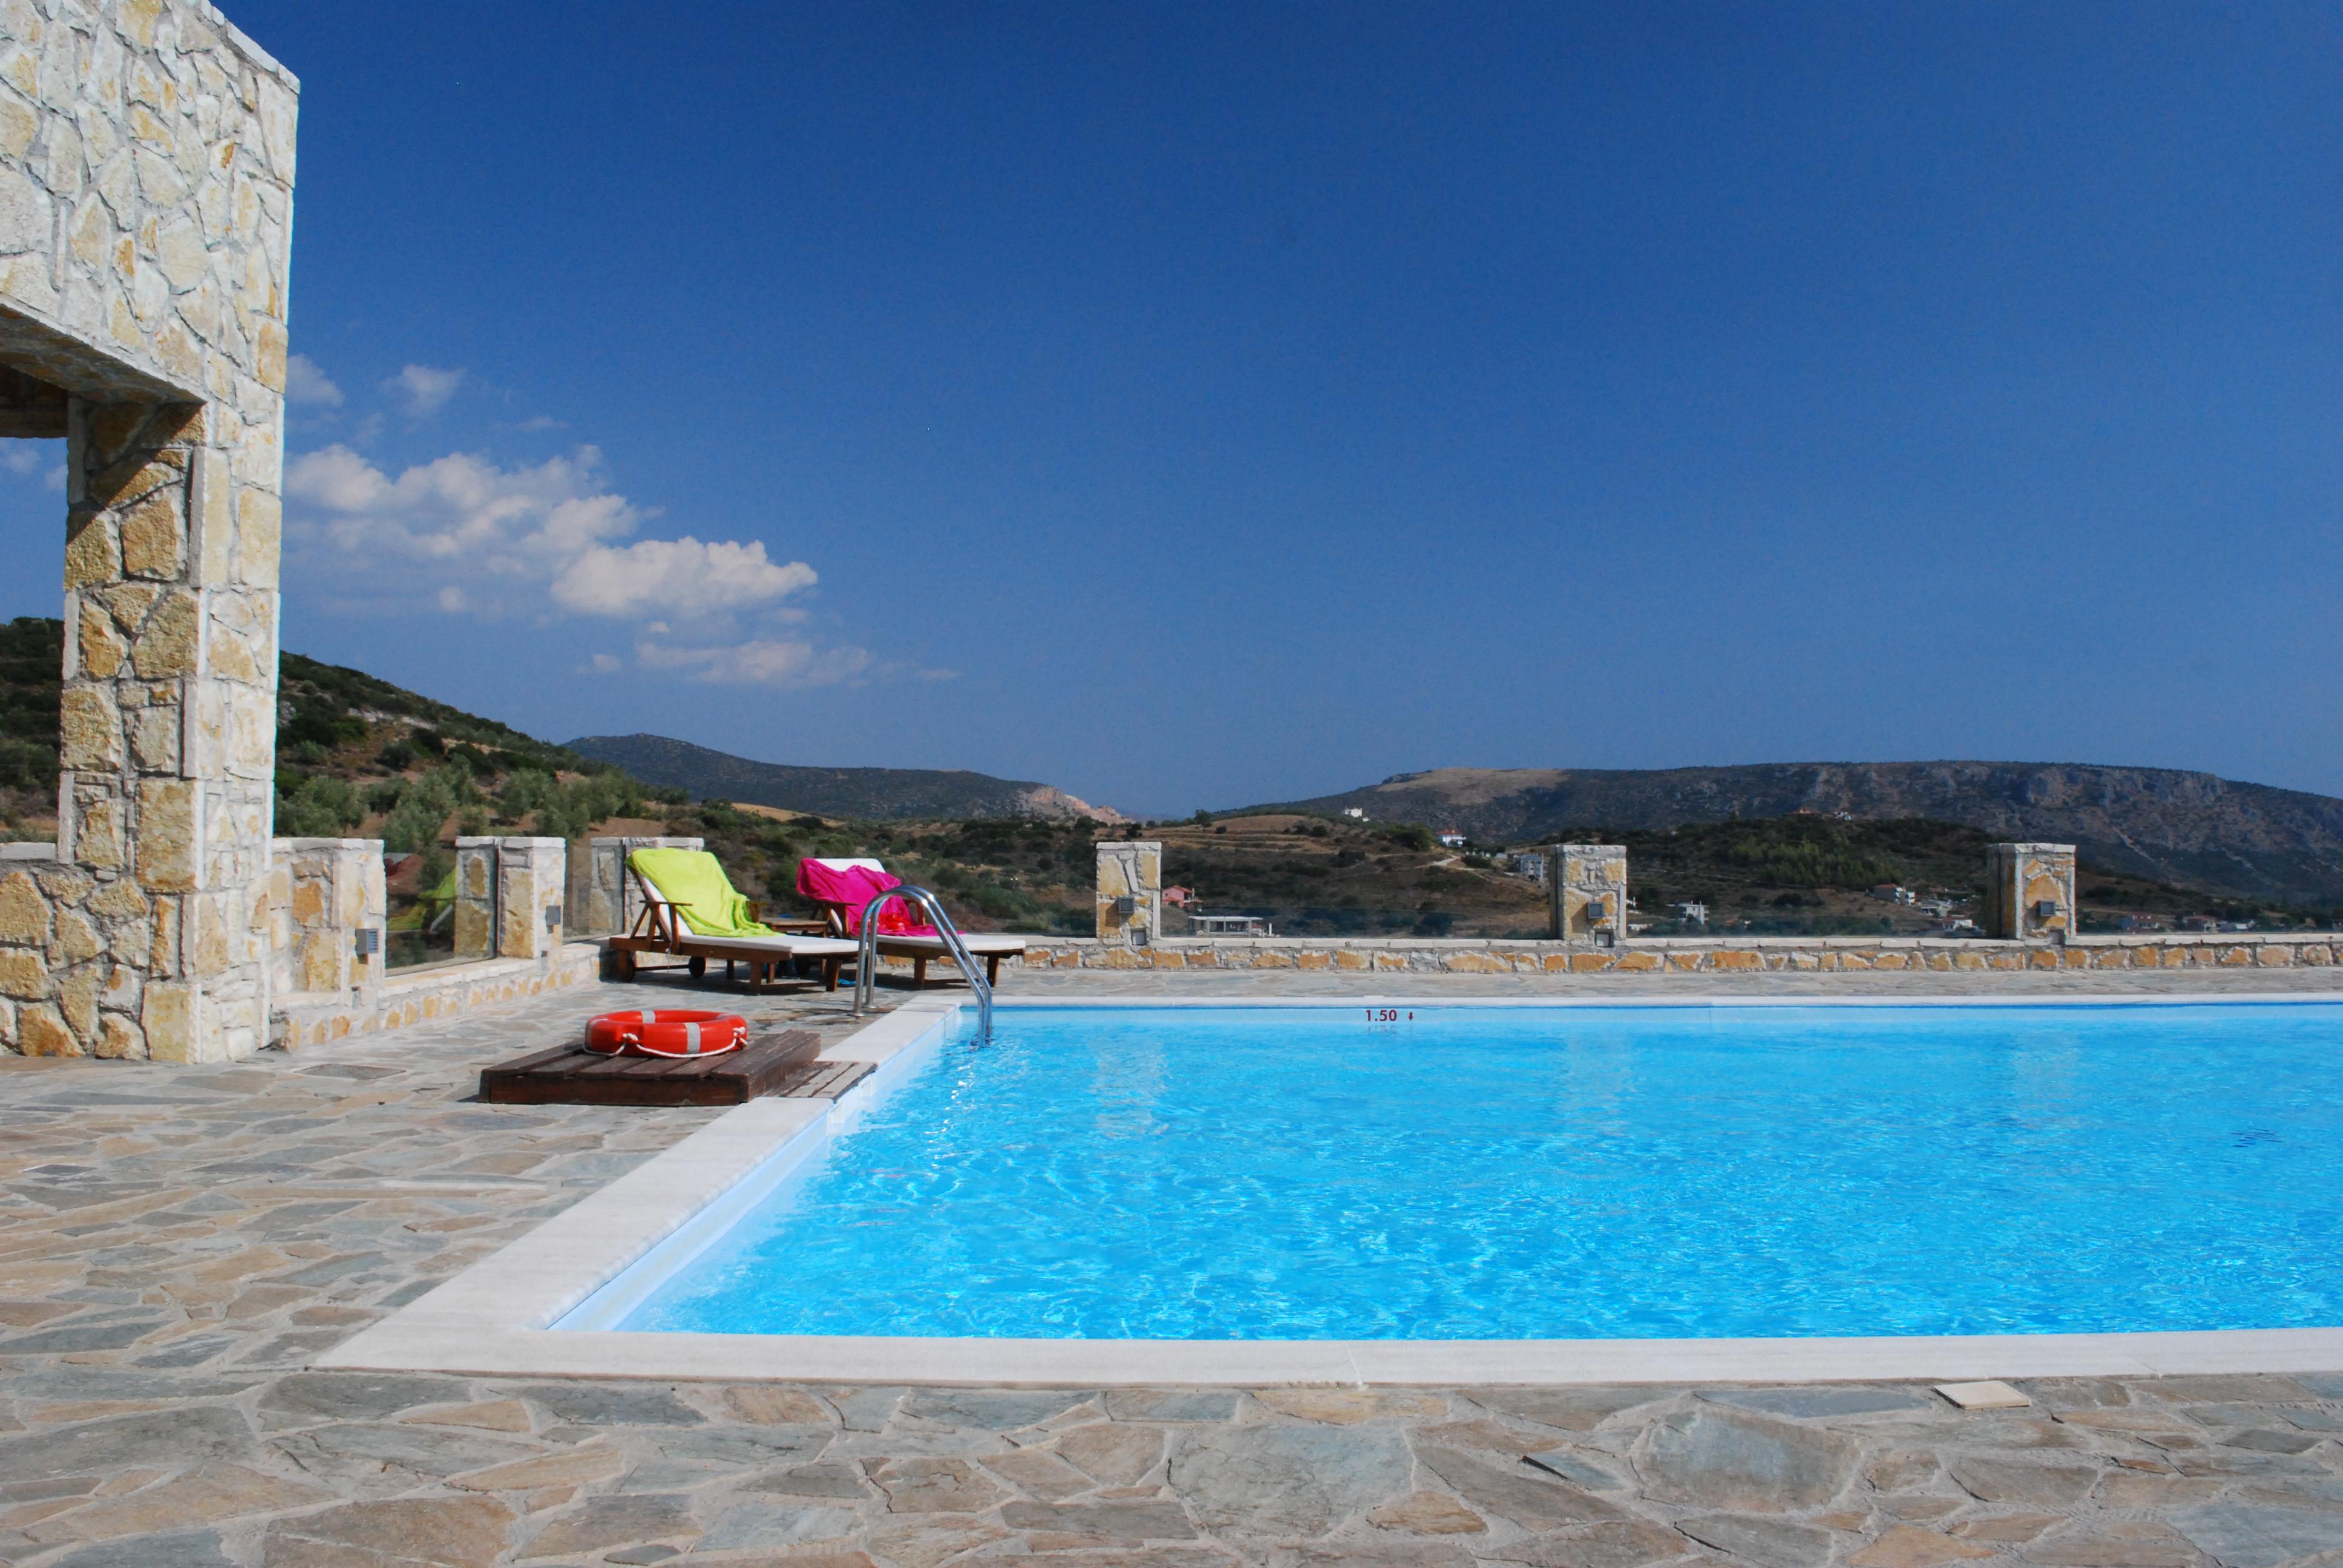 Swimming pool at Hotel Perivoli in Greece